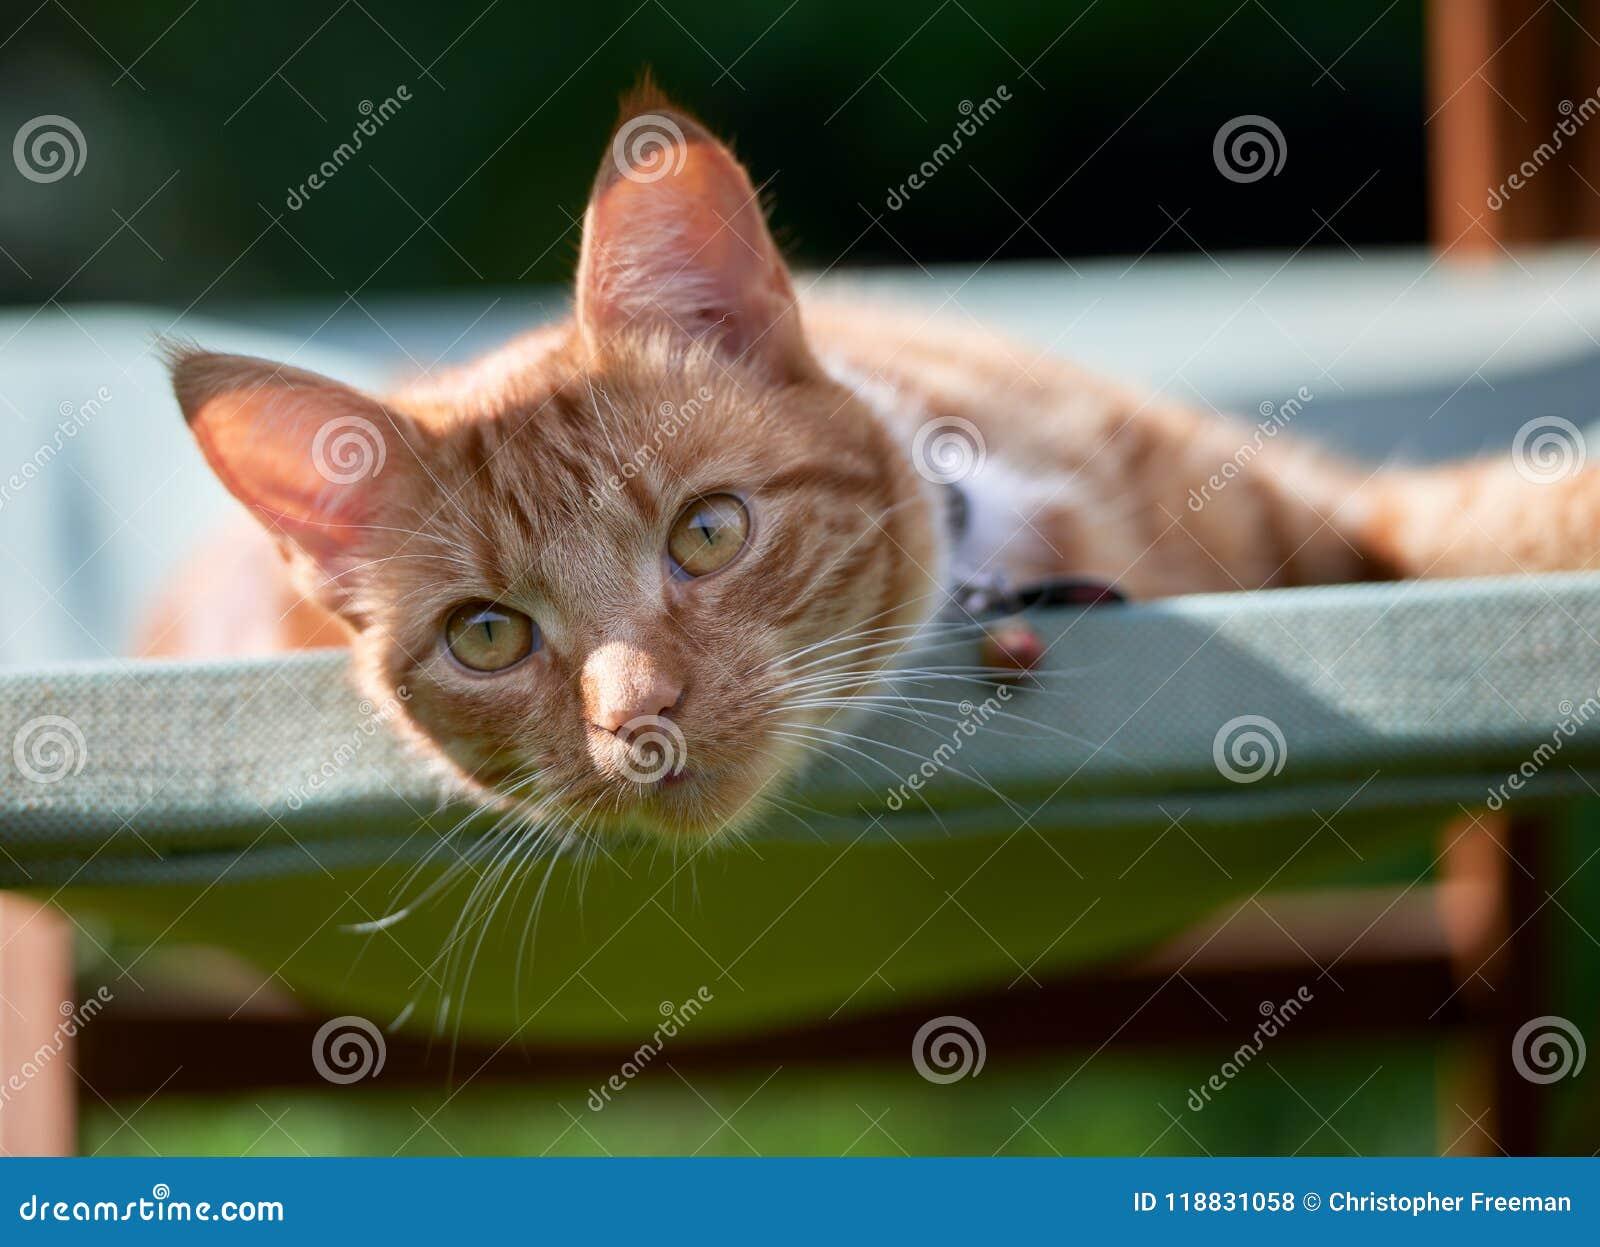 Gato de gato malhado vermelho do gengibre novo considerável que coloca em uma cadeira de jardim verde que olha relaxado